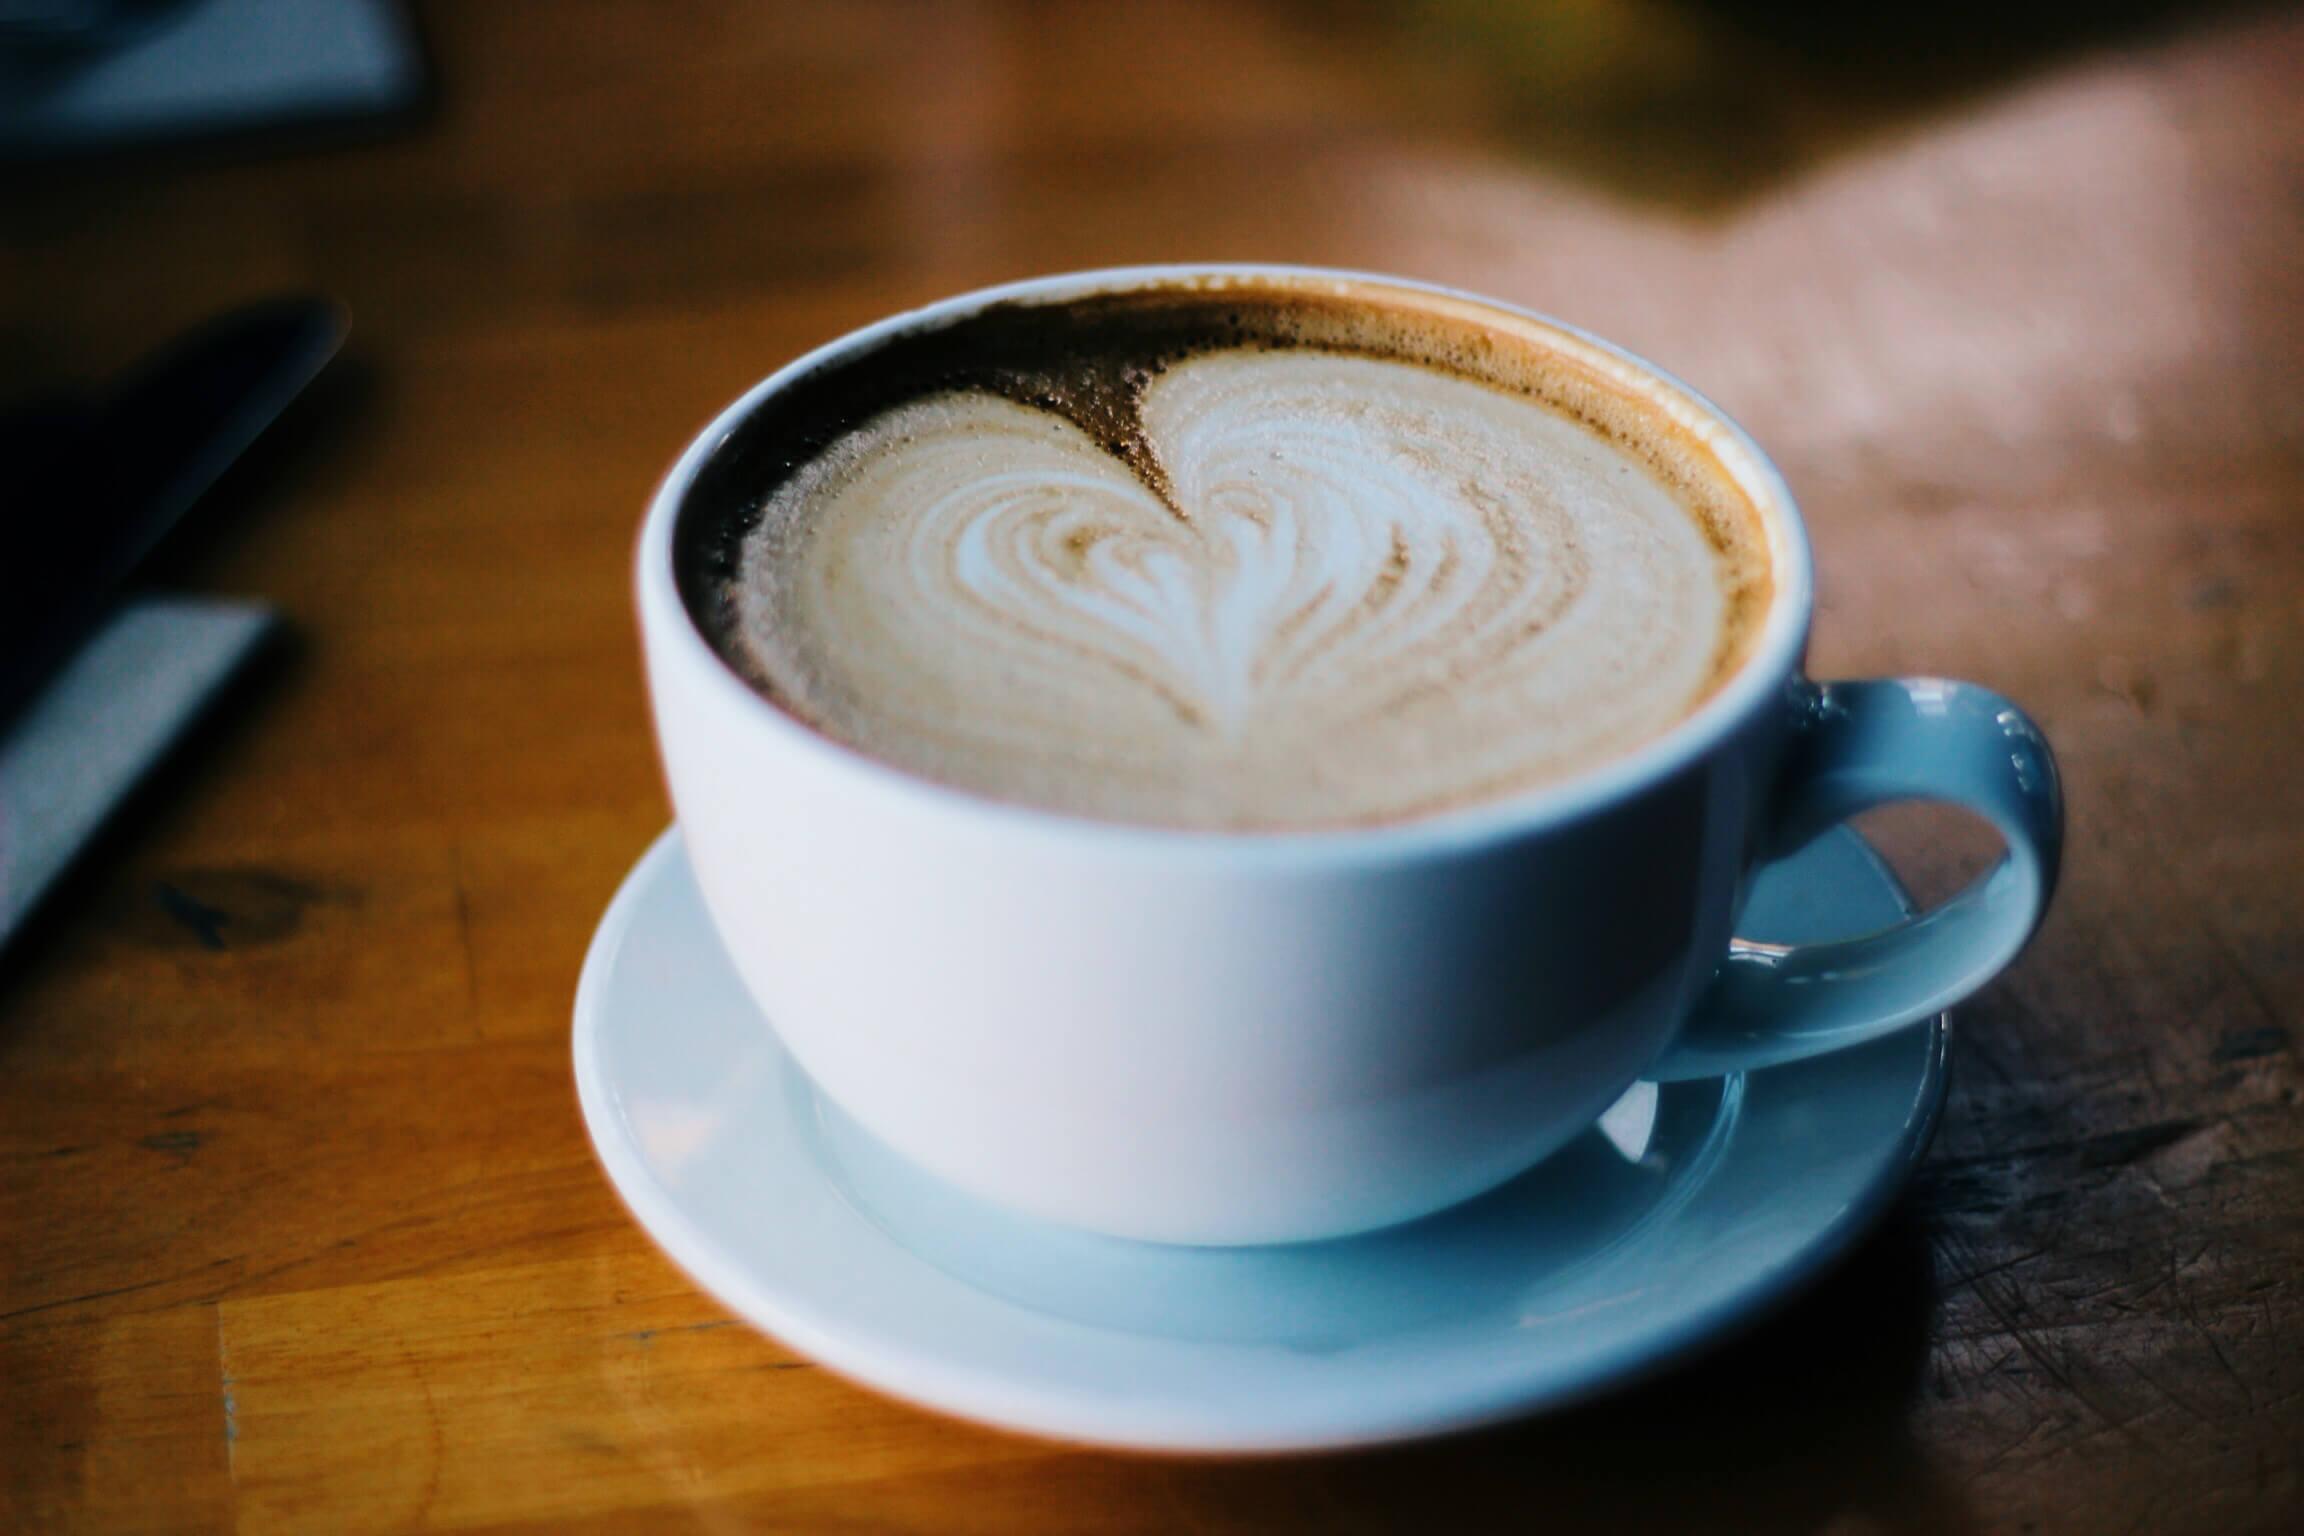 Psyche überstimmt Zunge: Qualitätstrigger beim Kaffee